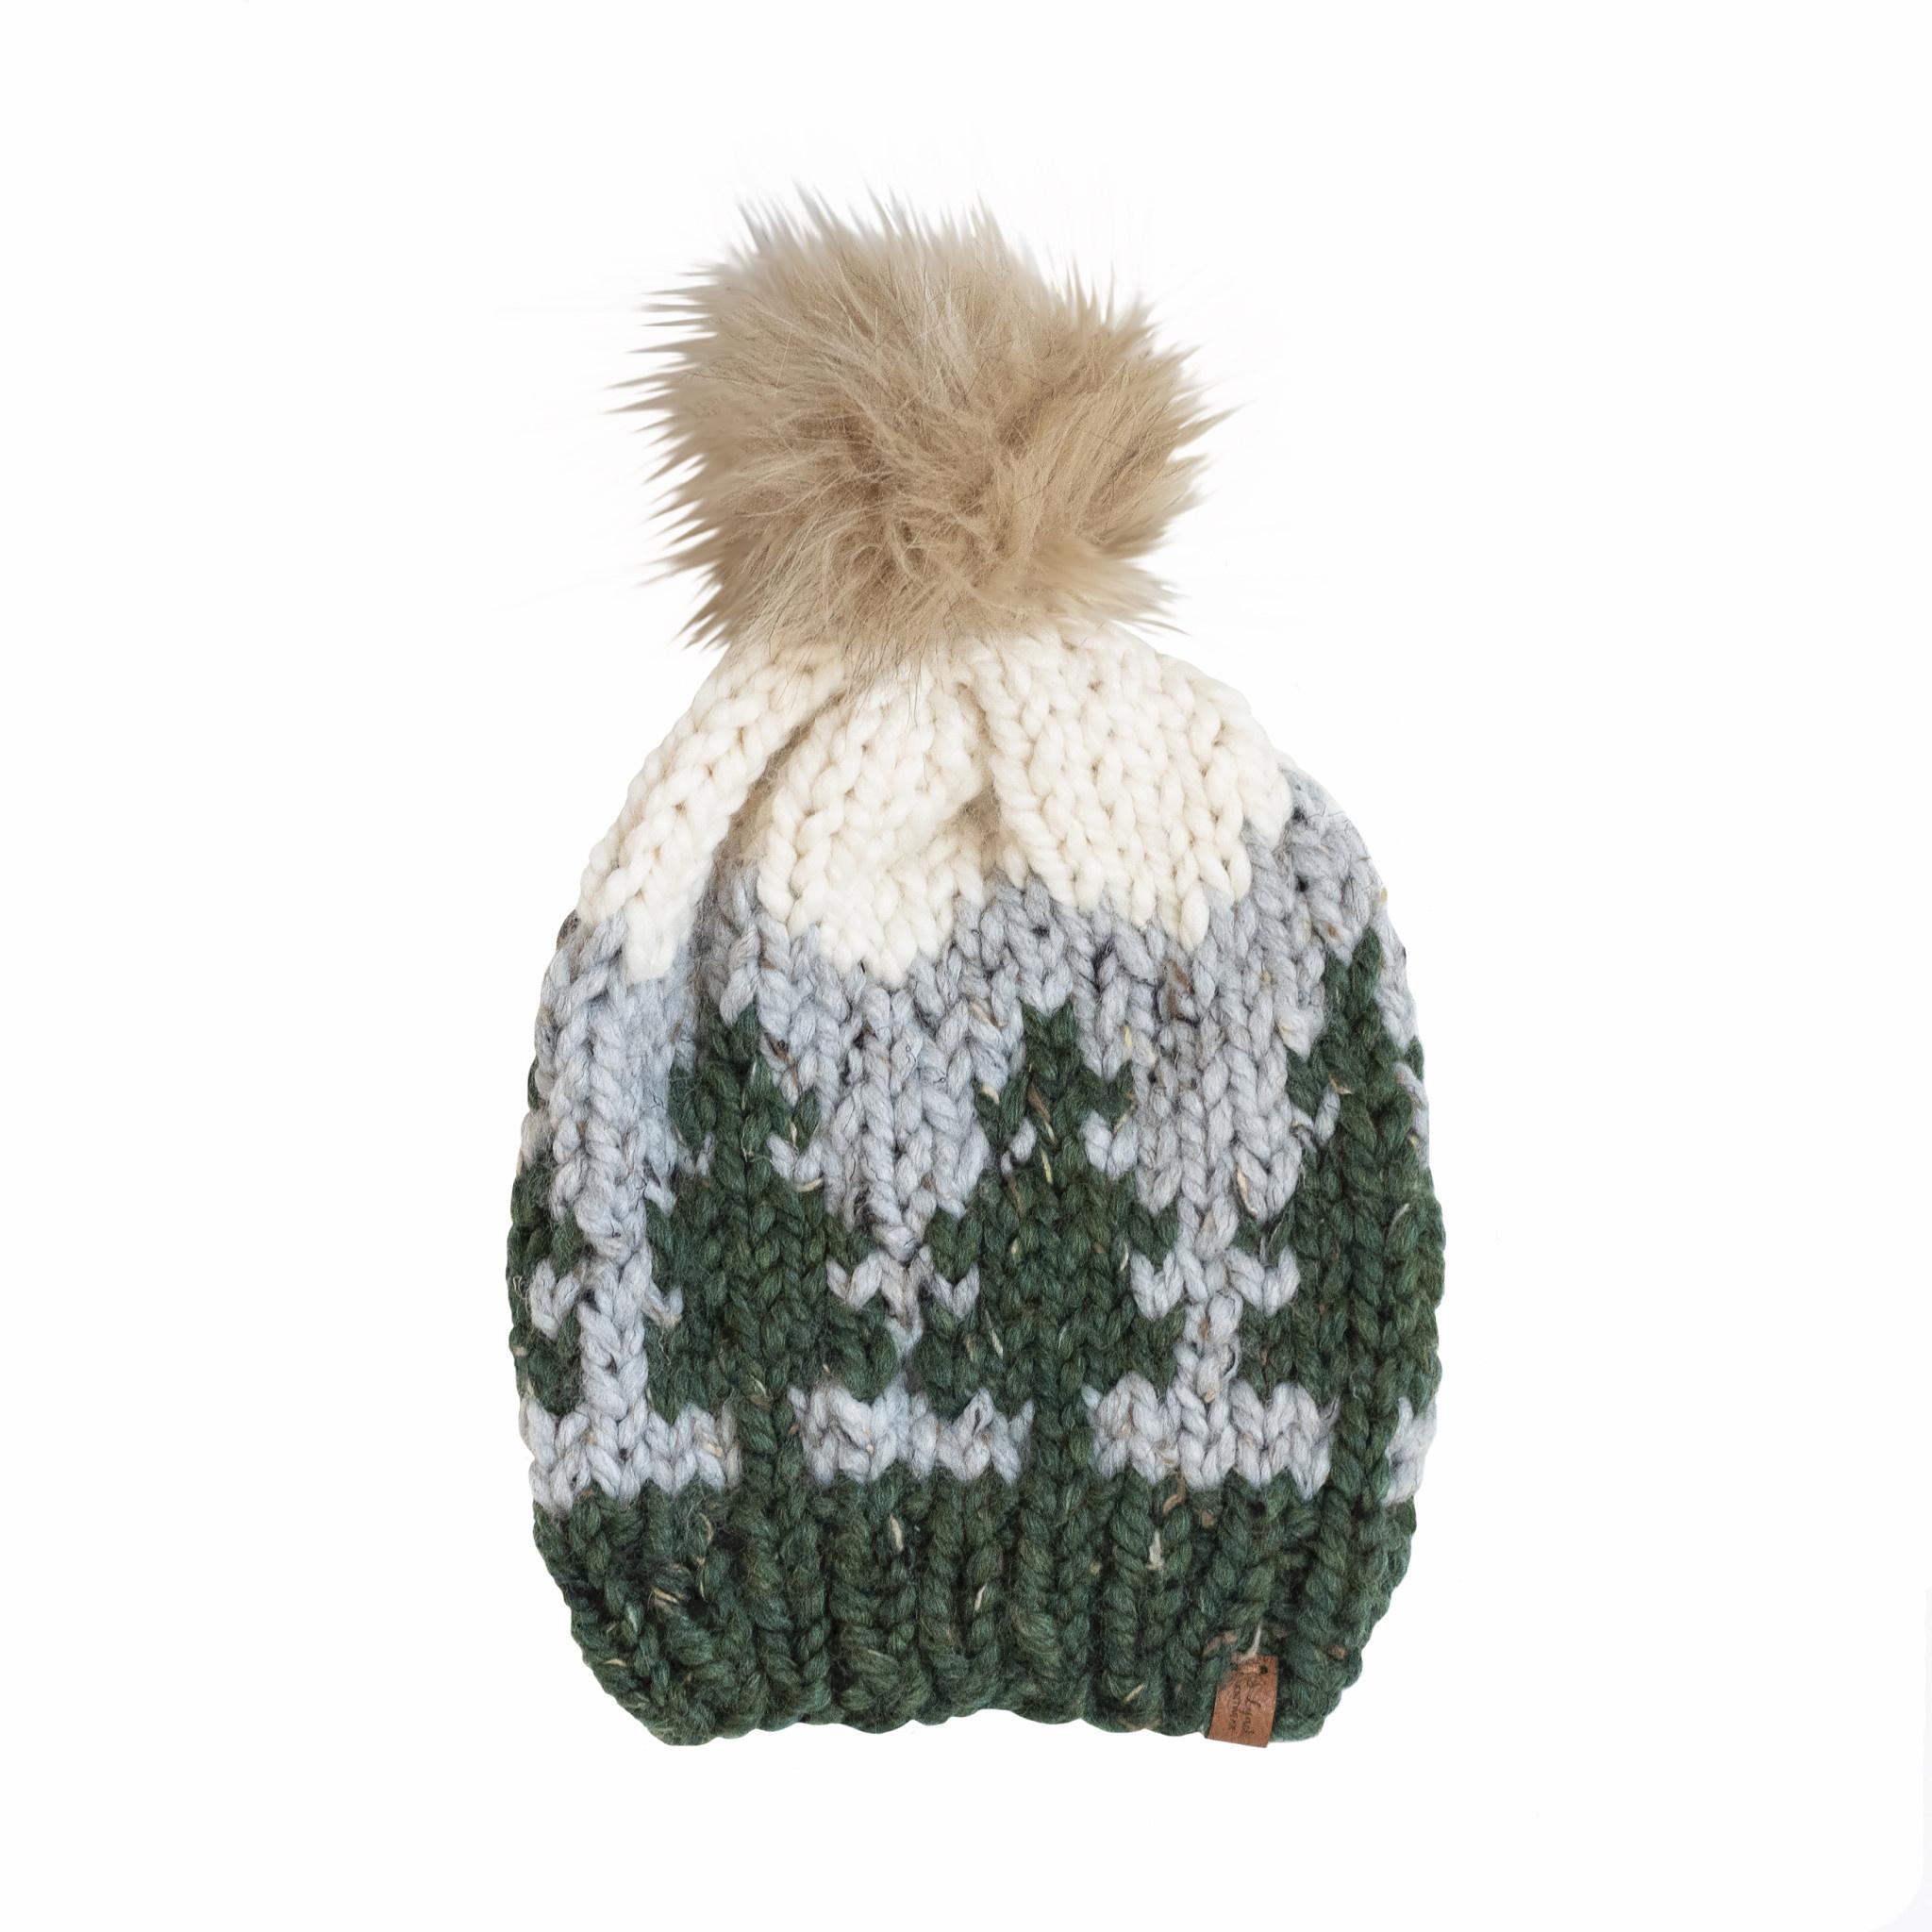 S. Lynch Knitwear Adult Hat - Dorset